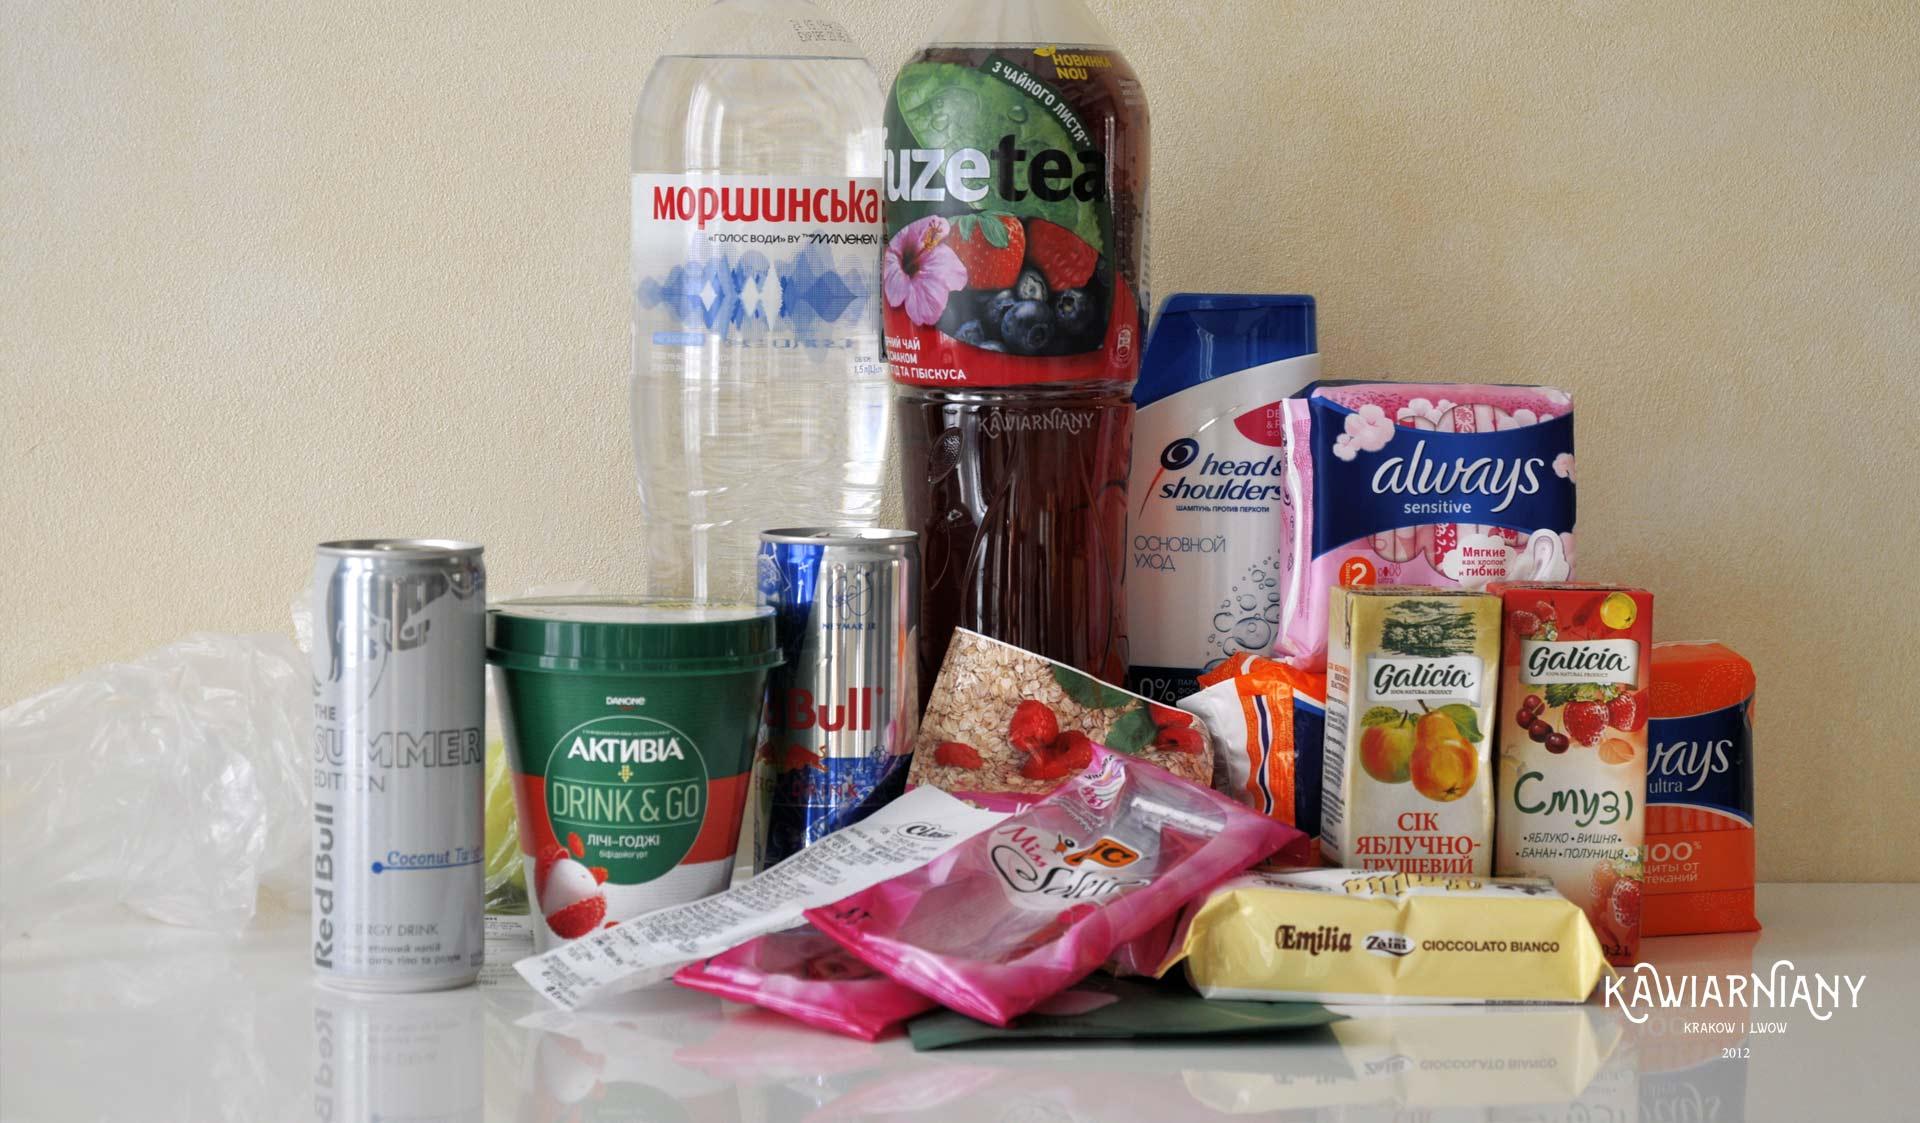 Zakupy na Ukrainie